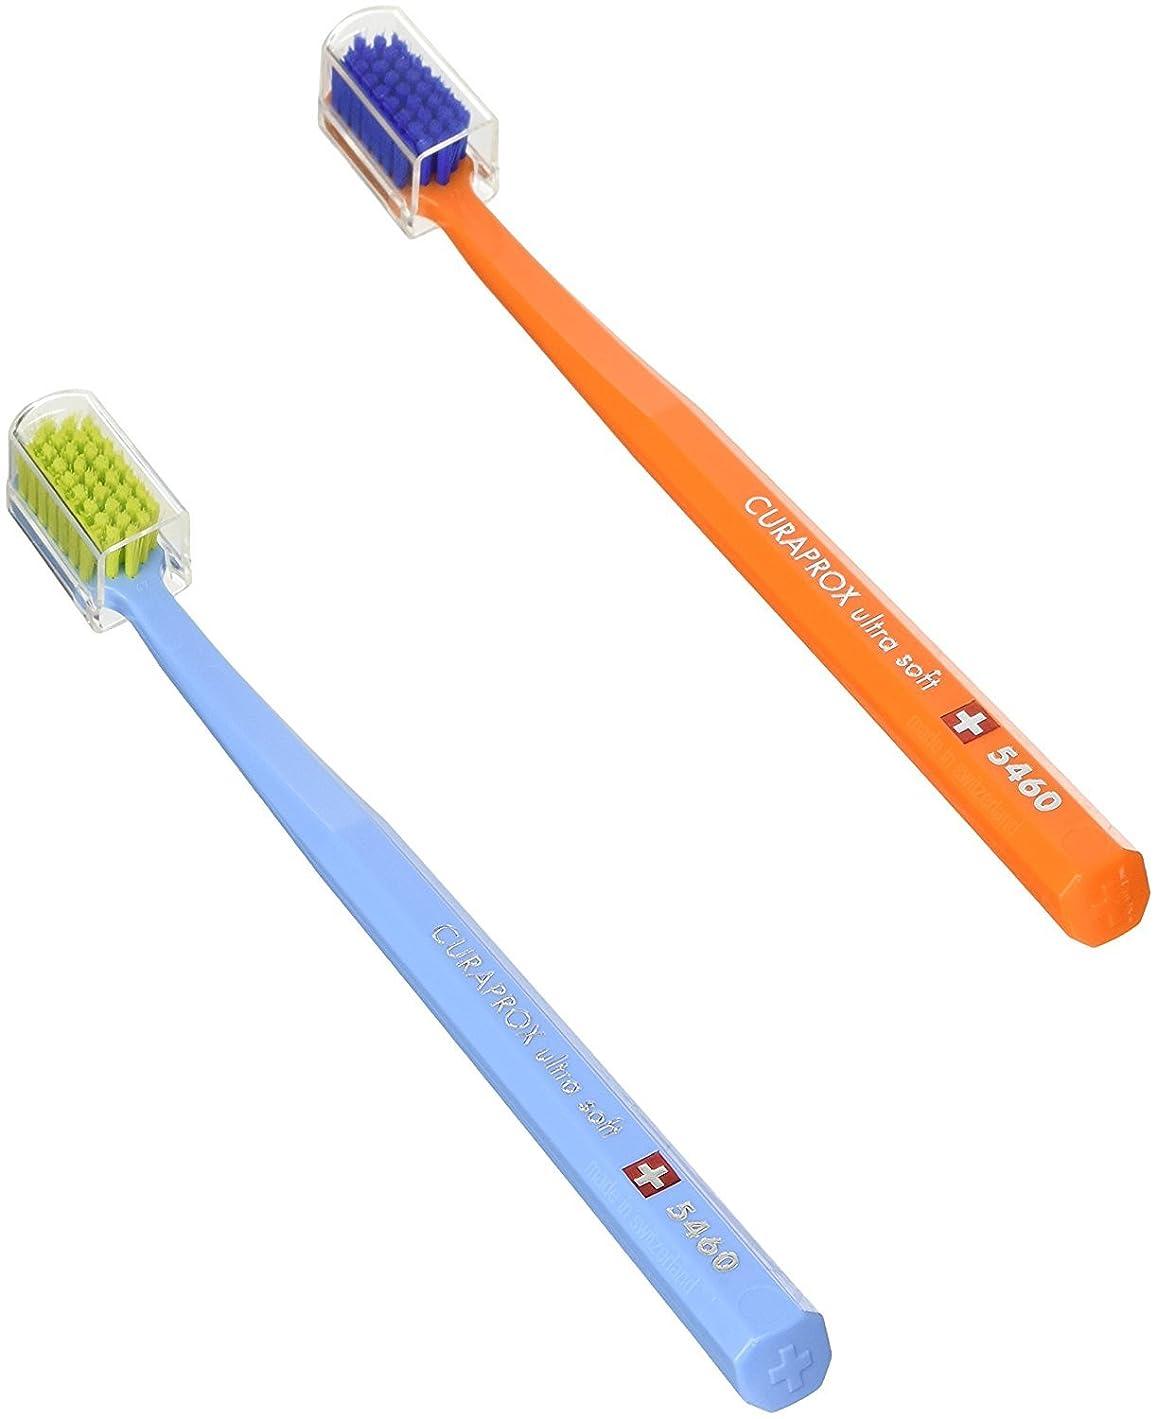 実現可能性十分な素晴らしさキュラプロックス 5460ウルトラソフト歯ブラシ 2本